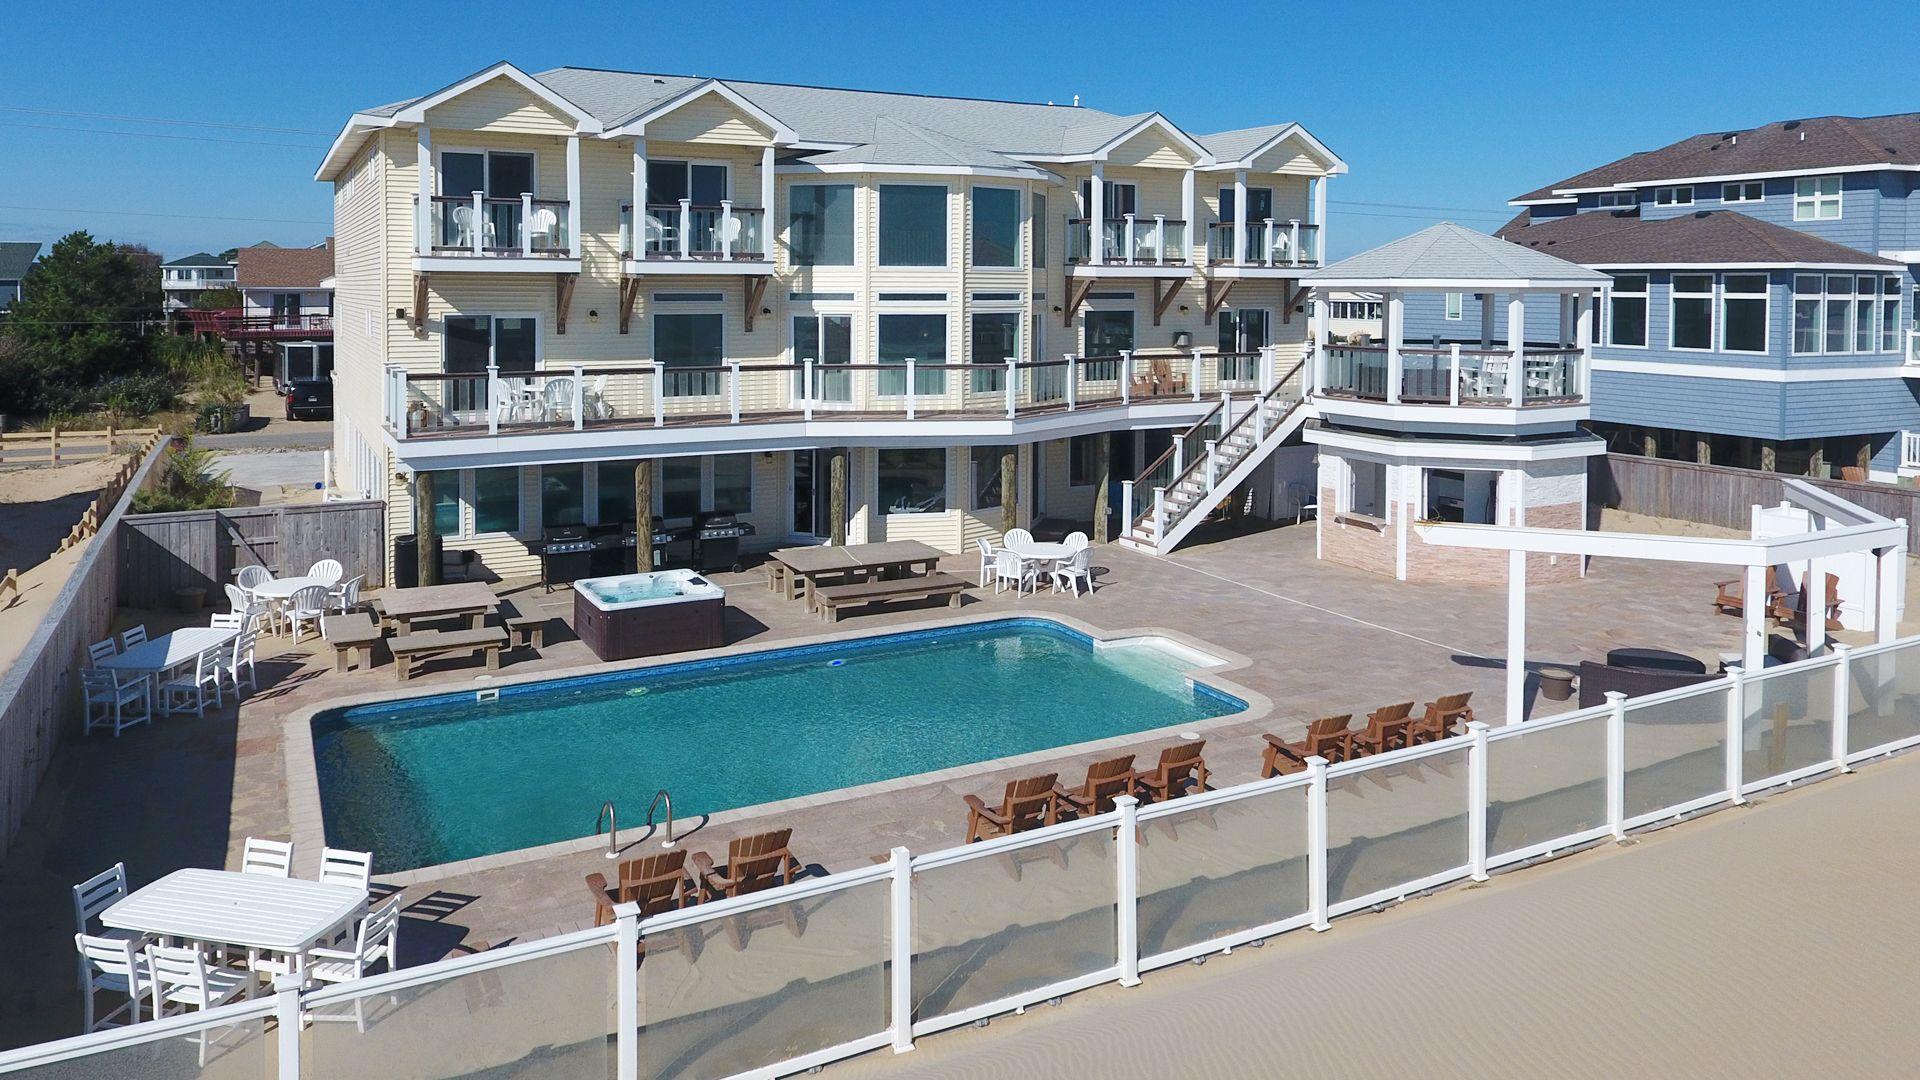 Atlantic Resort Is A Oceanfront Sandbridge Rental With 12 Bedrooms And 12 Bathr Virginia Beach Houses Beach House Wedding Reception Virginia Wedding Venues